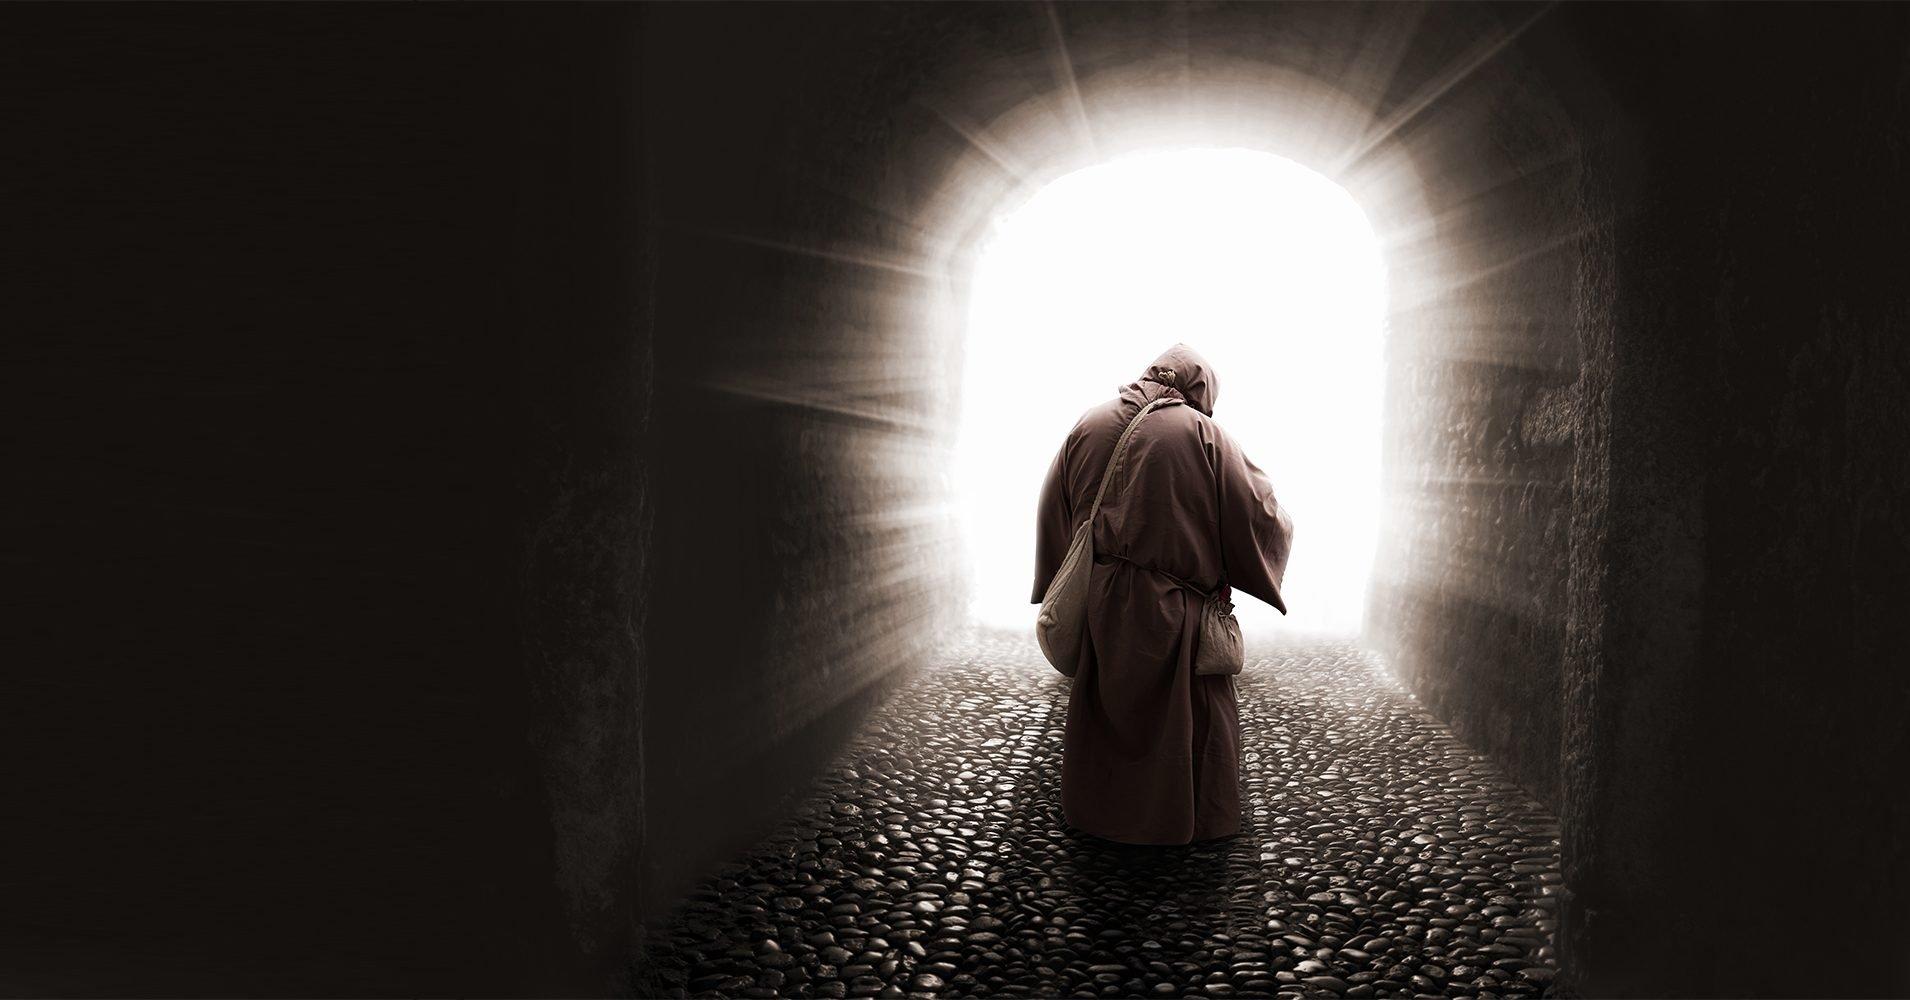 التوبة، الخلاص، والنجاة : منظور إسلامي